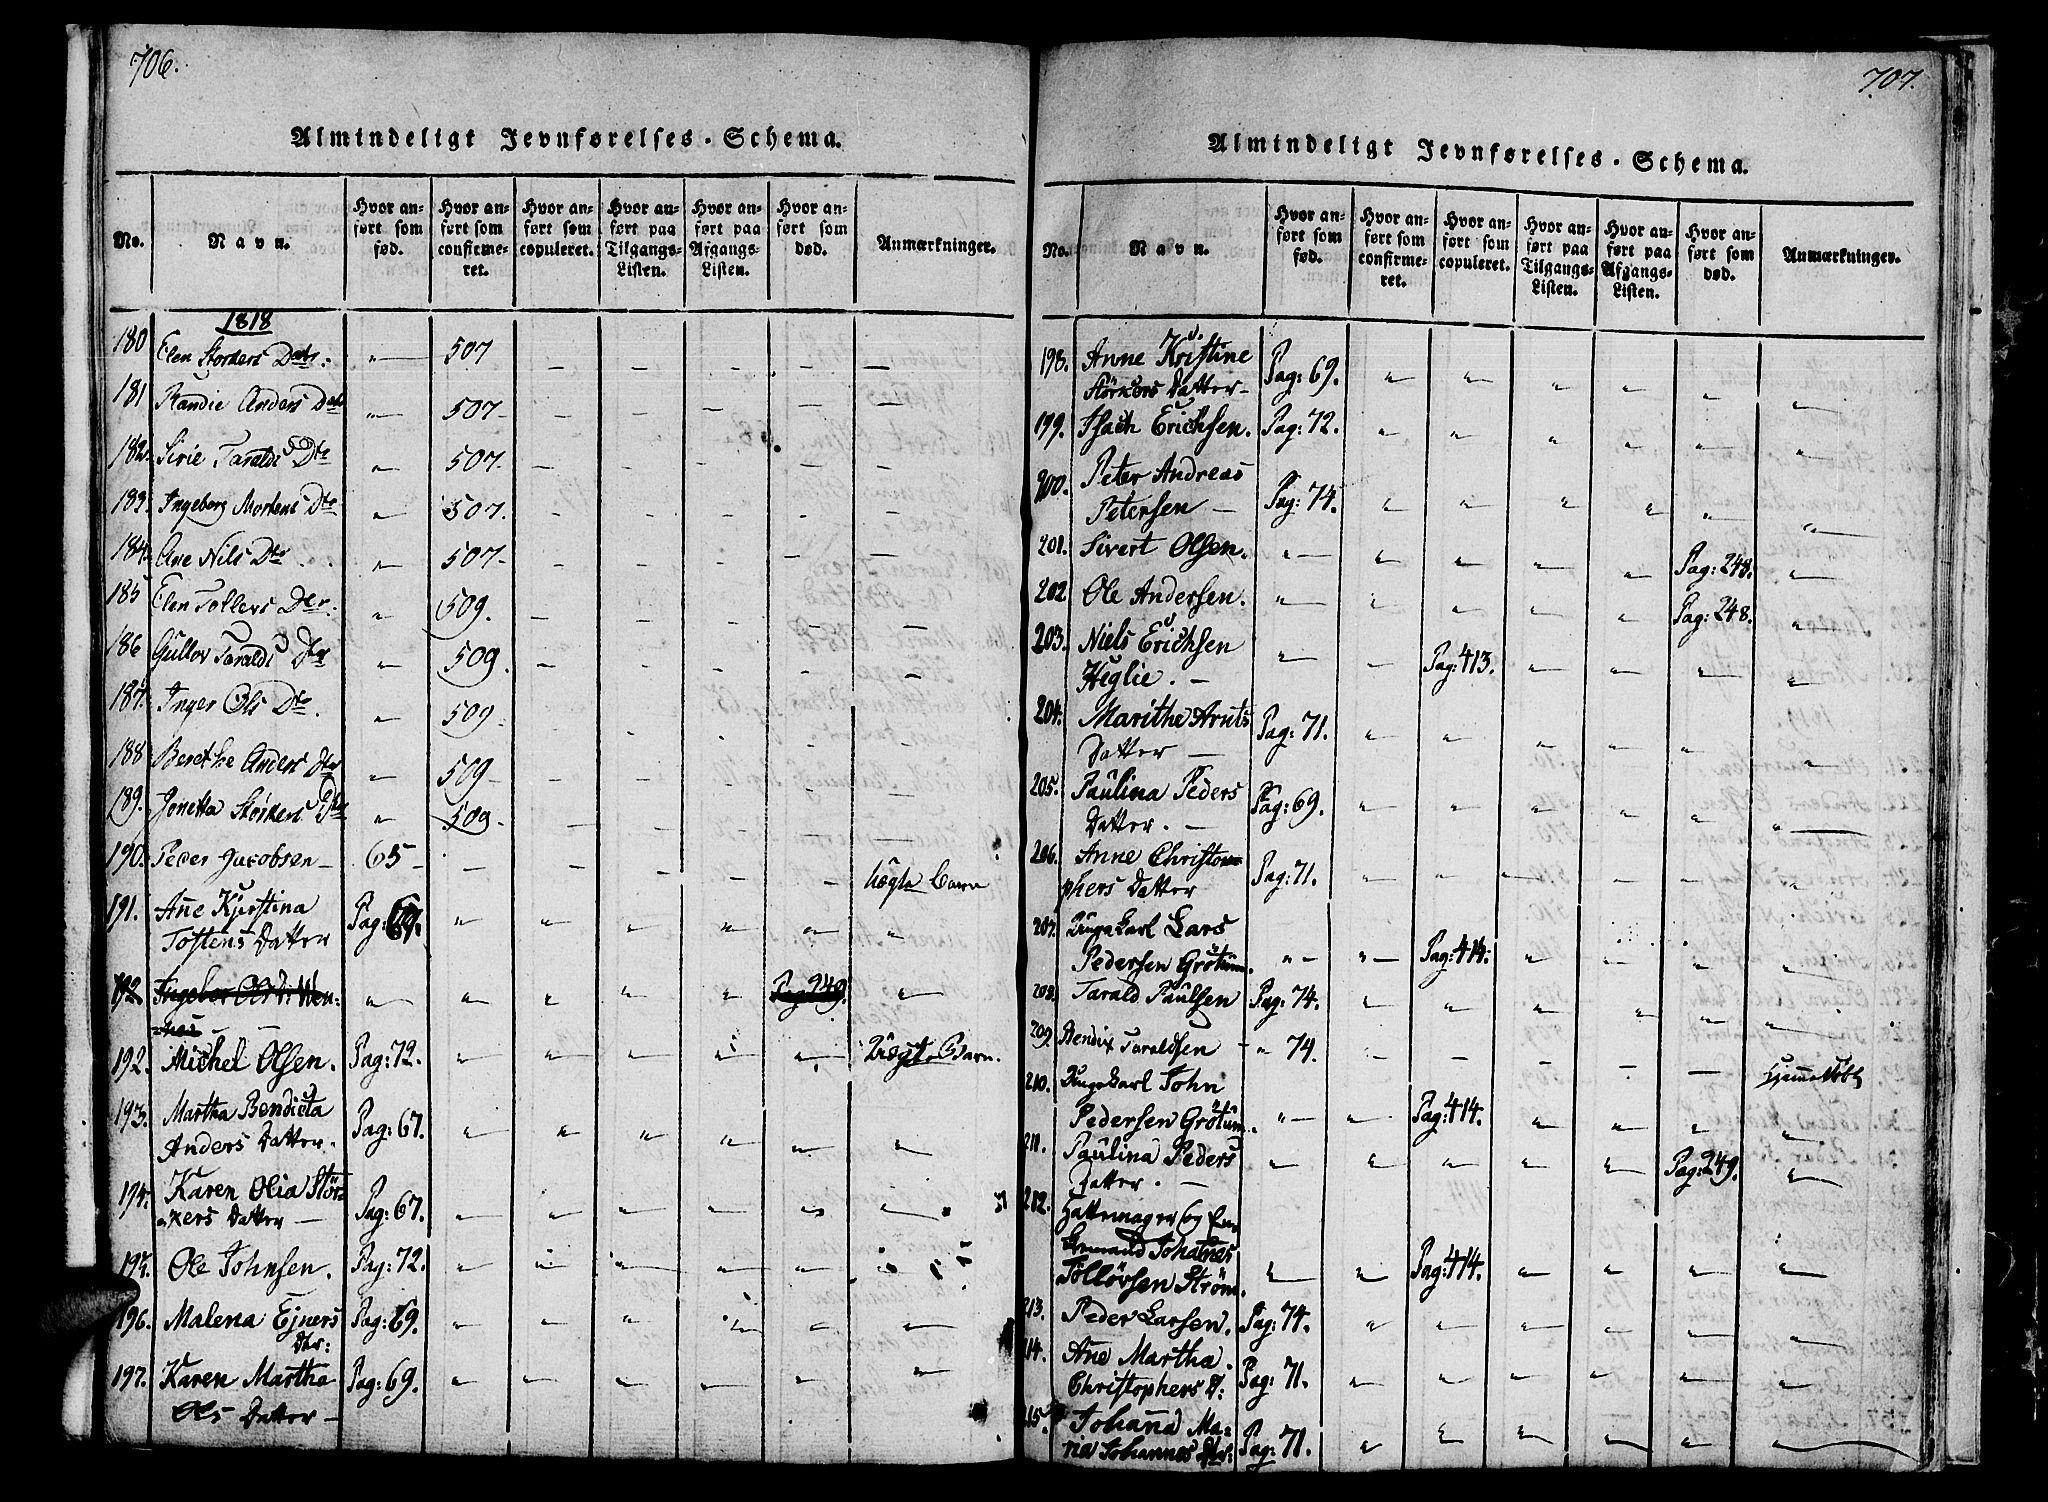 SAT, Ministerialprotokoller, klokkerbøker og fødselsregistre - Nord-Trøndelag, 746/L0441: Ministerialbok nr. 746A03 /2, 1816-1827, s. 706-707